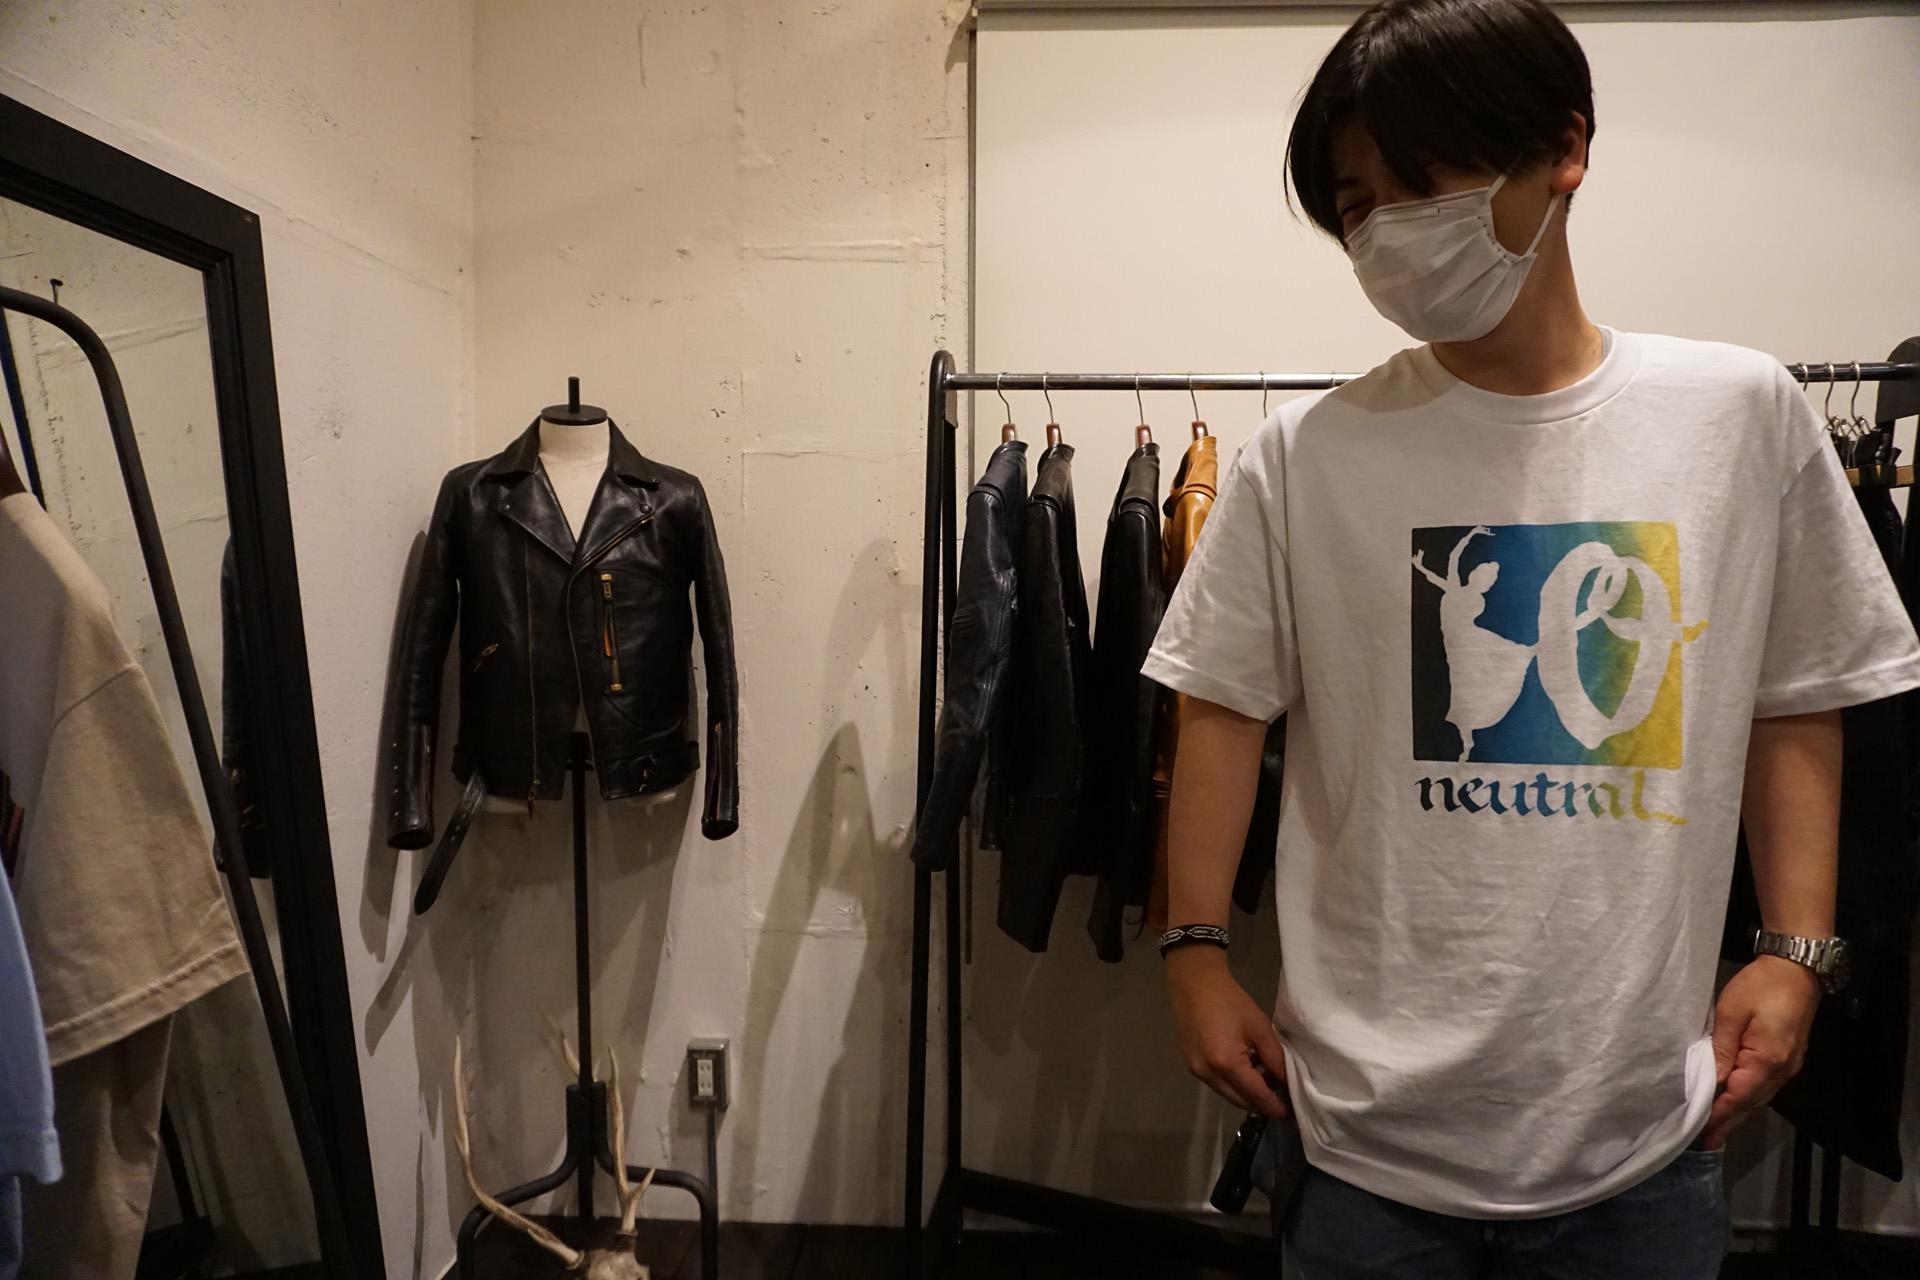 ニュートラル neutral ステンシルTシャツ stencil ゲルガ GERUGA road ロード 愛知県 名古屋市